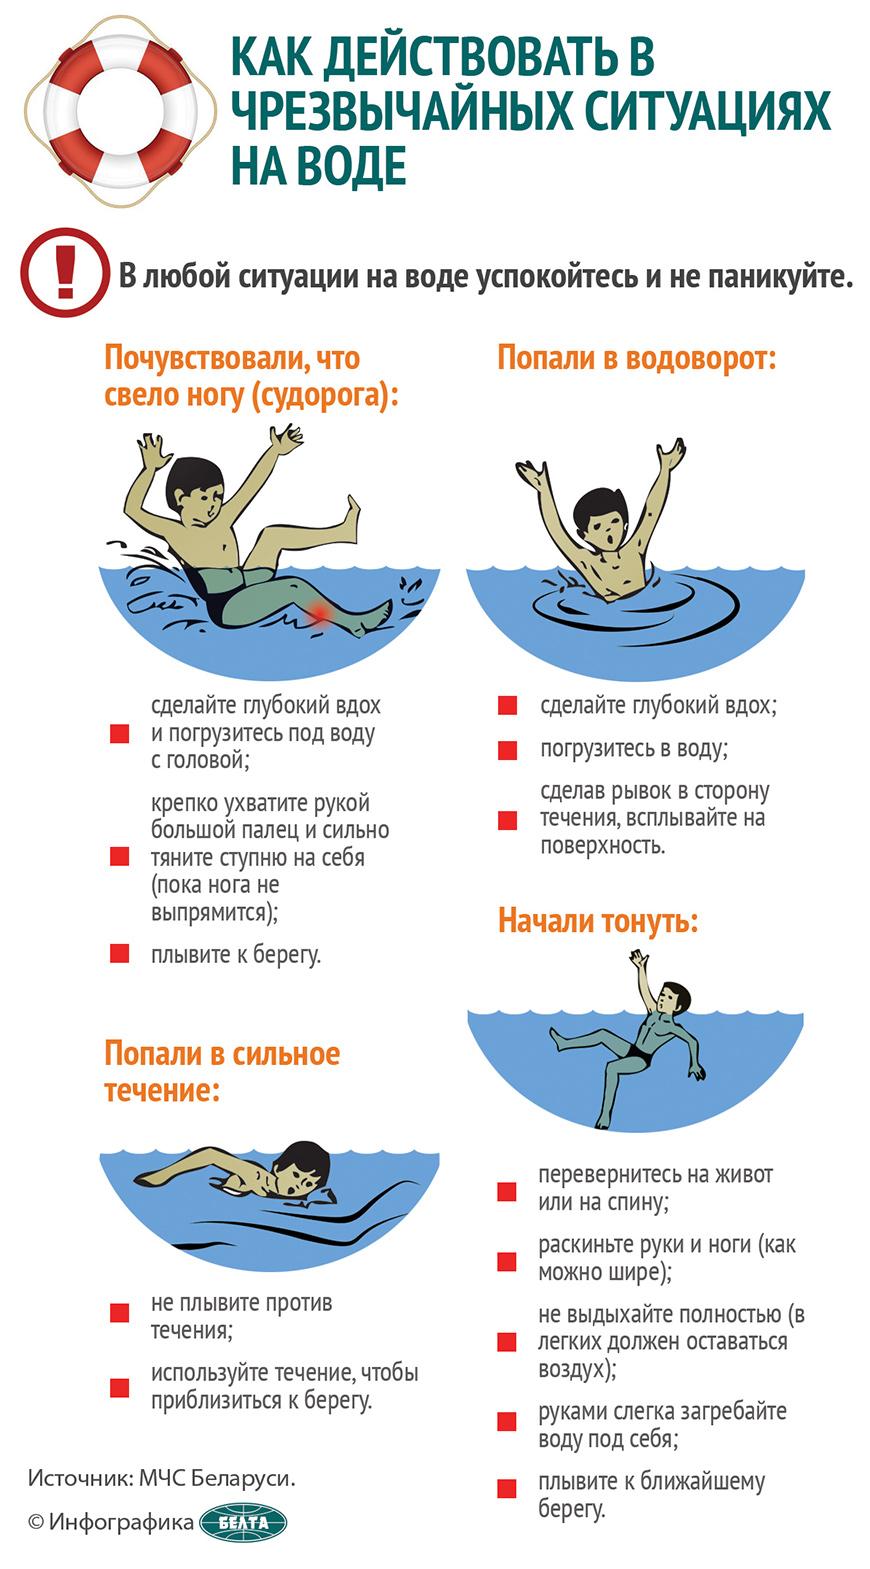 Как действовать в чрезвычайных ситуациях на воде